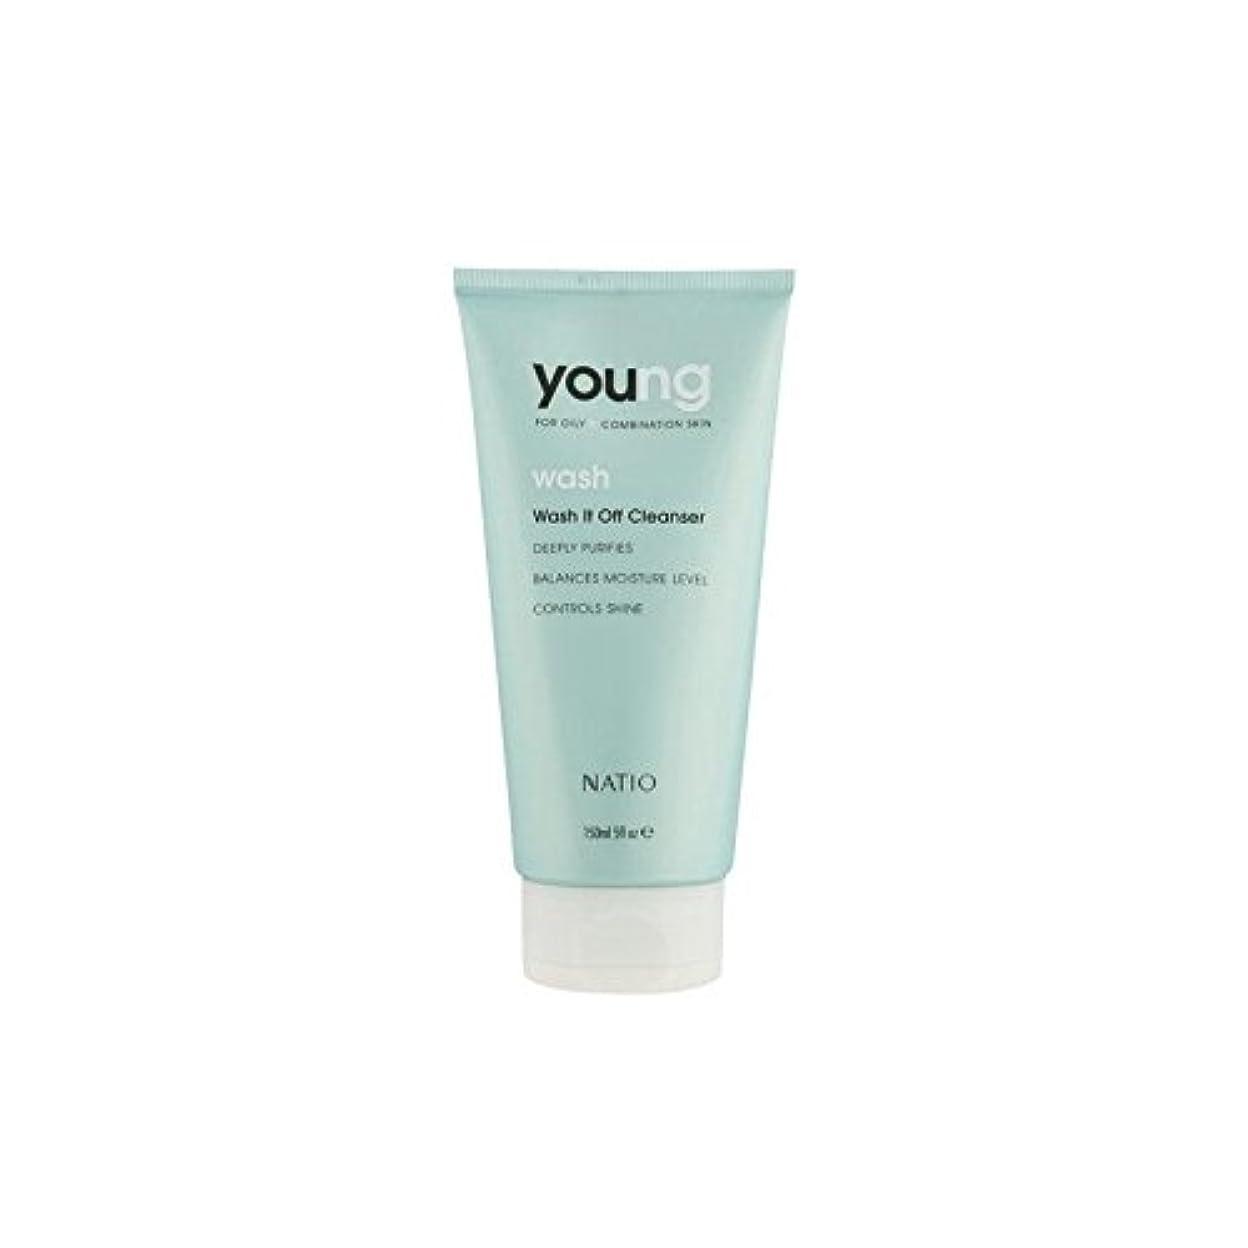 キャベツ単調なパートナーNatio Young Wash It Off Cleanser (150ml) - 若いウォッシュそれオフクレンザー(150ミリリットル) [並行輸入品]